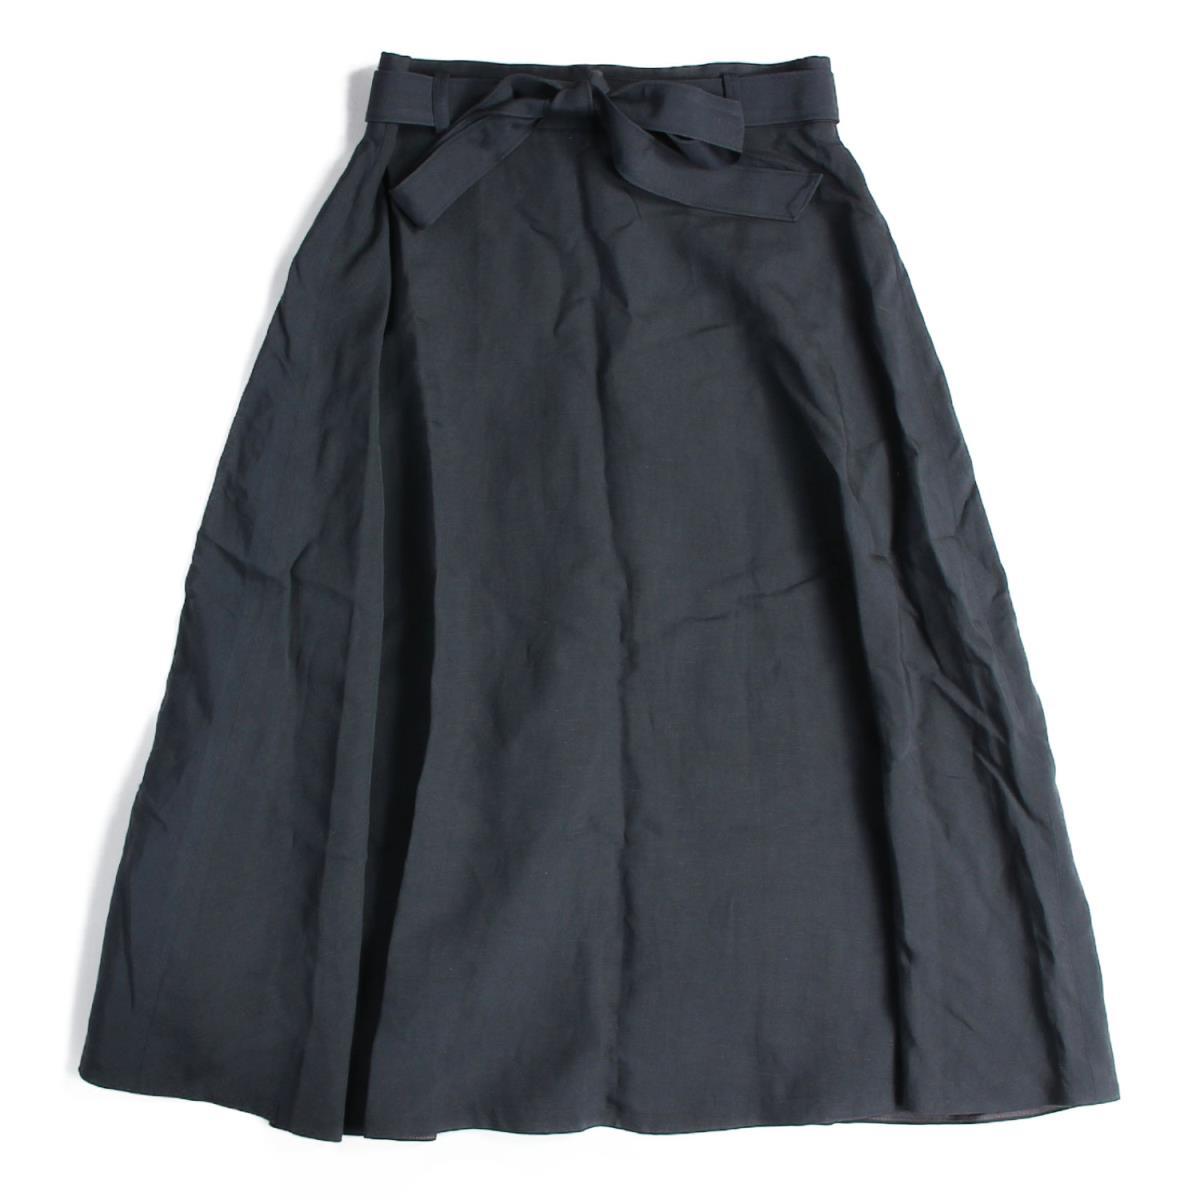 Ballsey(ボールジィ) レーヨンリネン ベルテッドフレアスカート 19春夏 チャコールグレー 36(9号) 【レディース】【中古】【美品】【K2620】